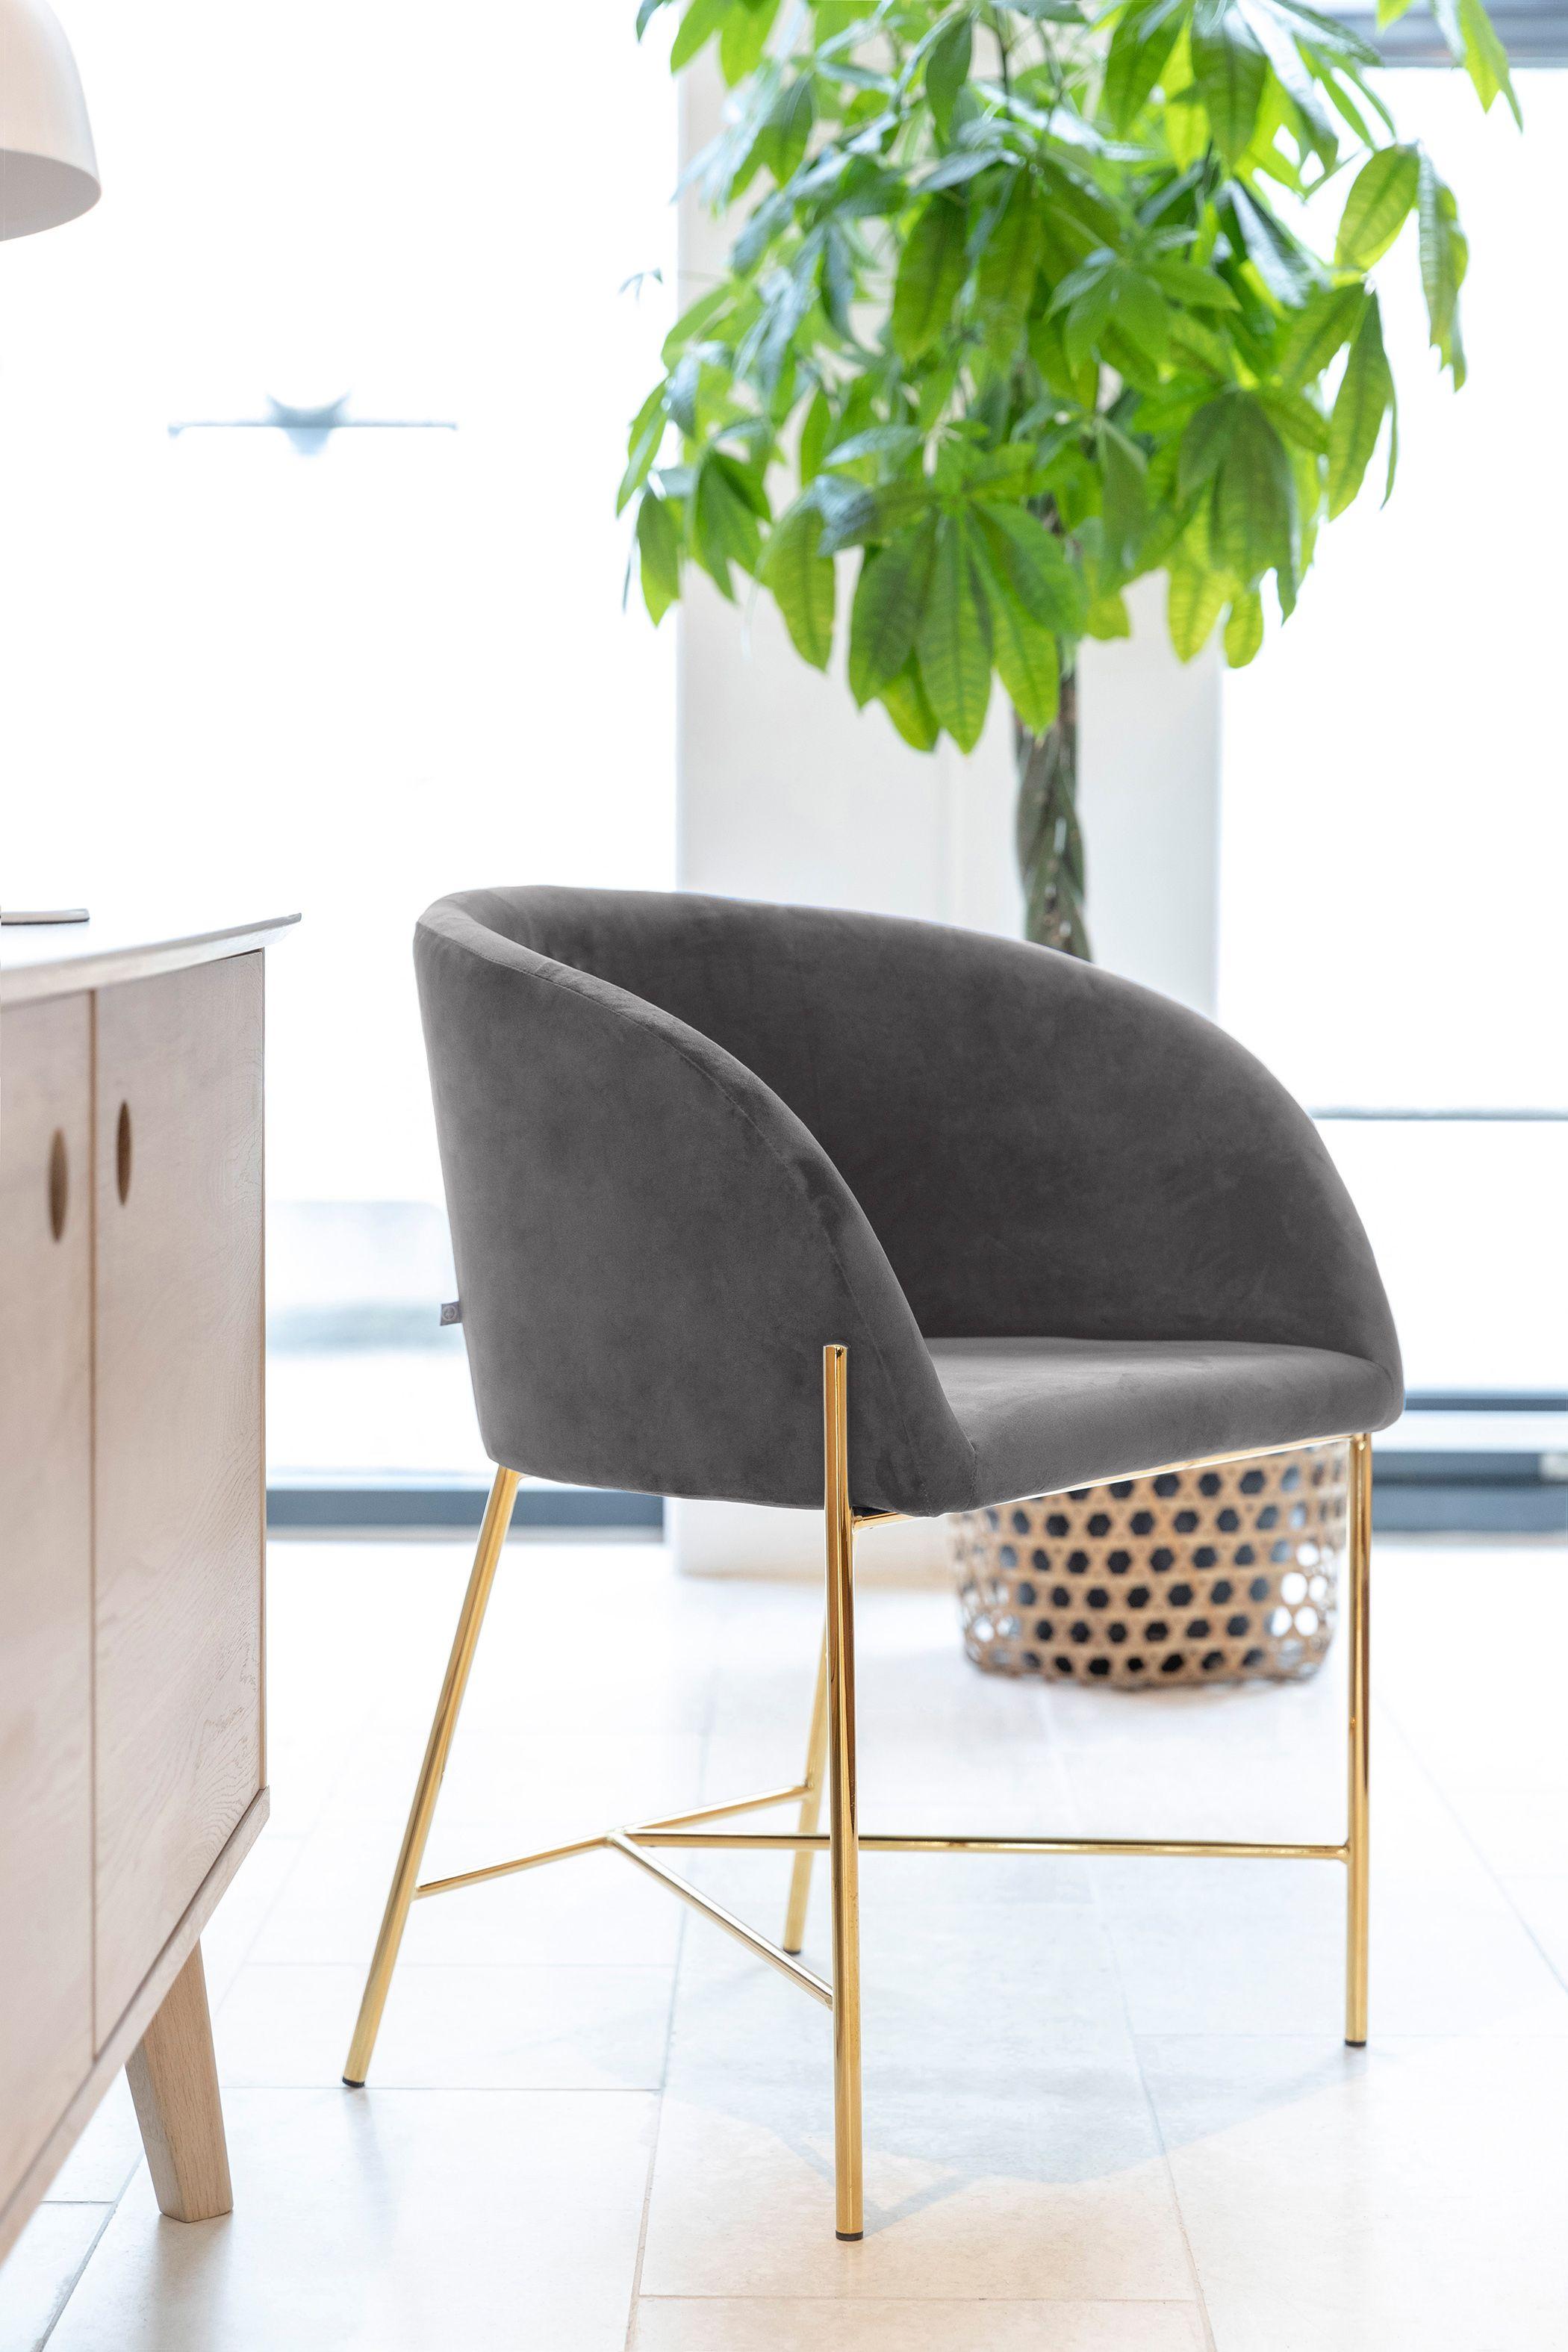 Armlehnstuhl im stilvollem Grau mit goldenem Stahlgestell